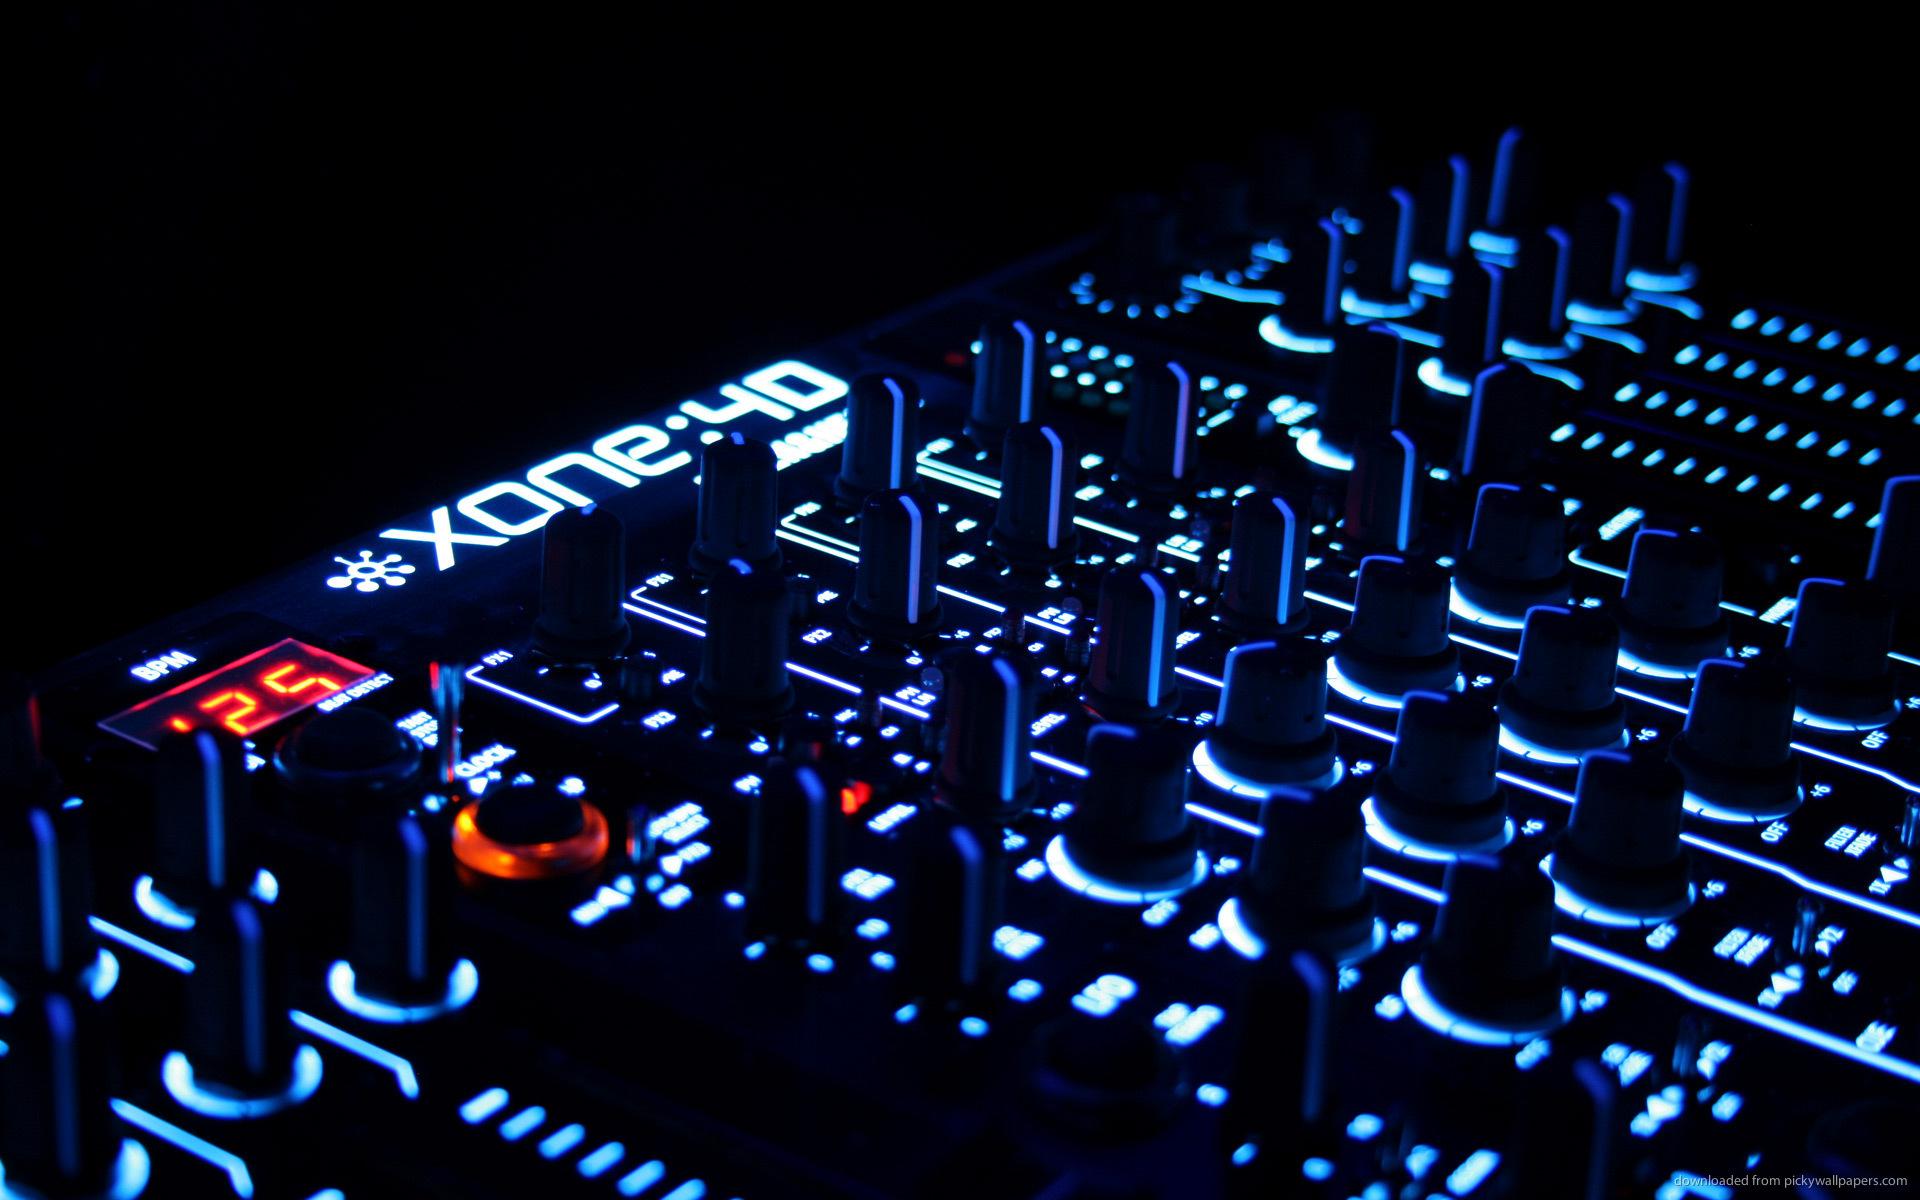 DJ HD Wallpapers 1080p - WallpaperSafari